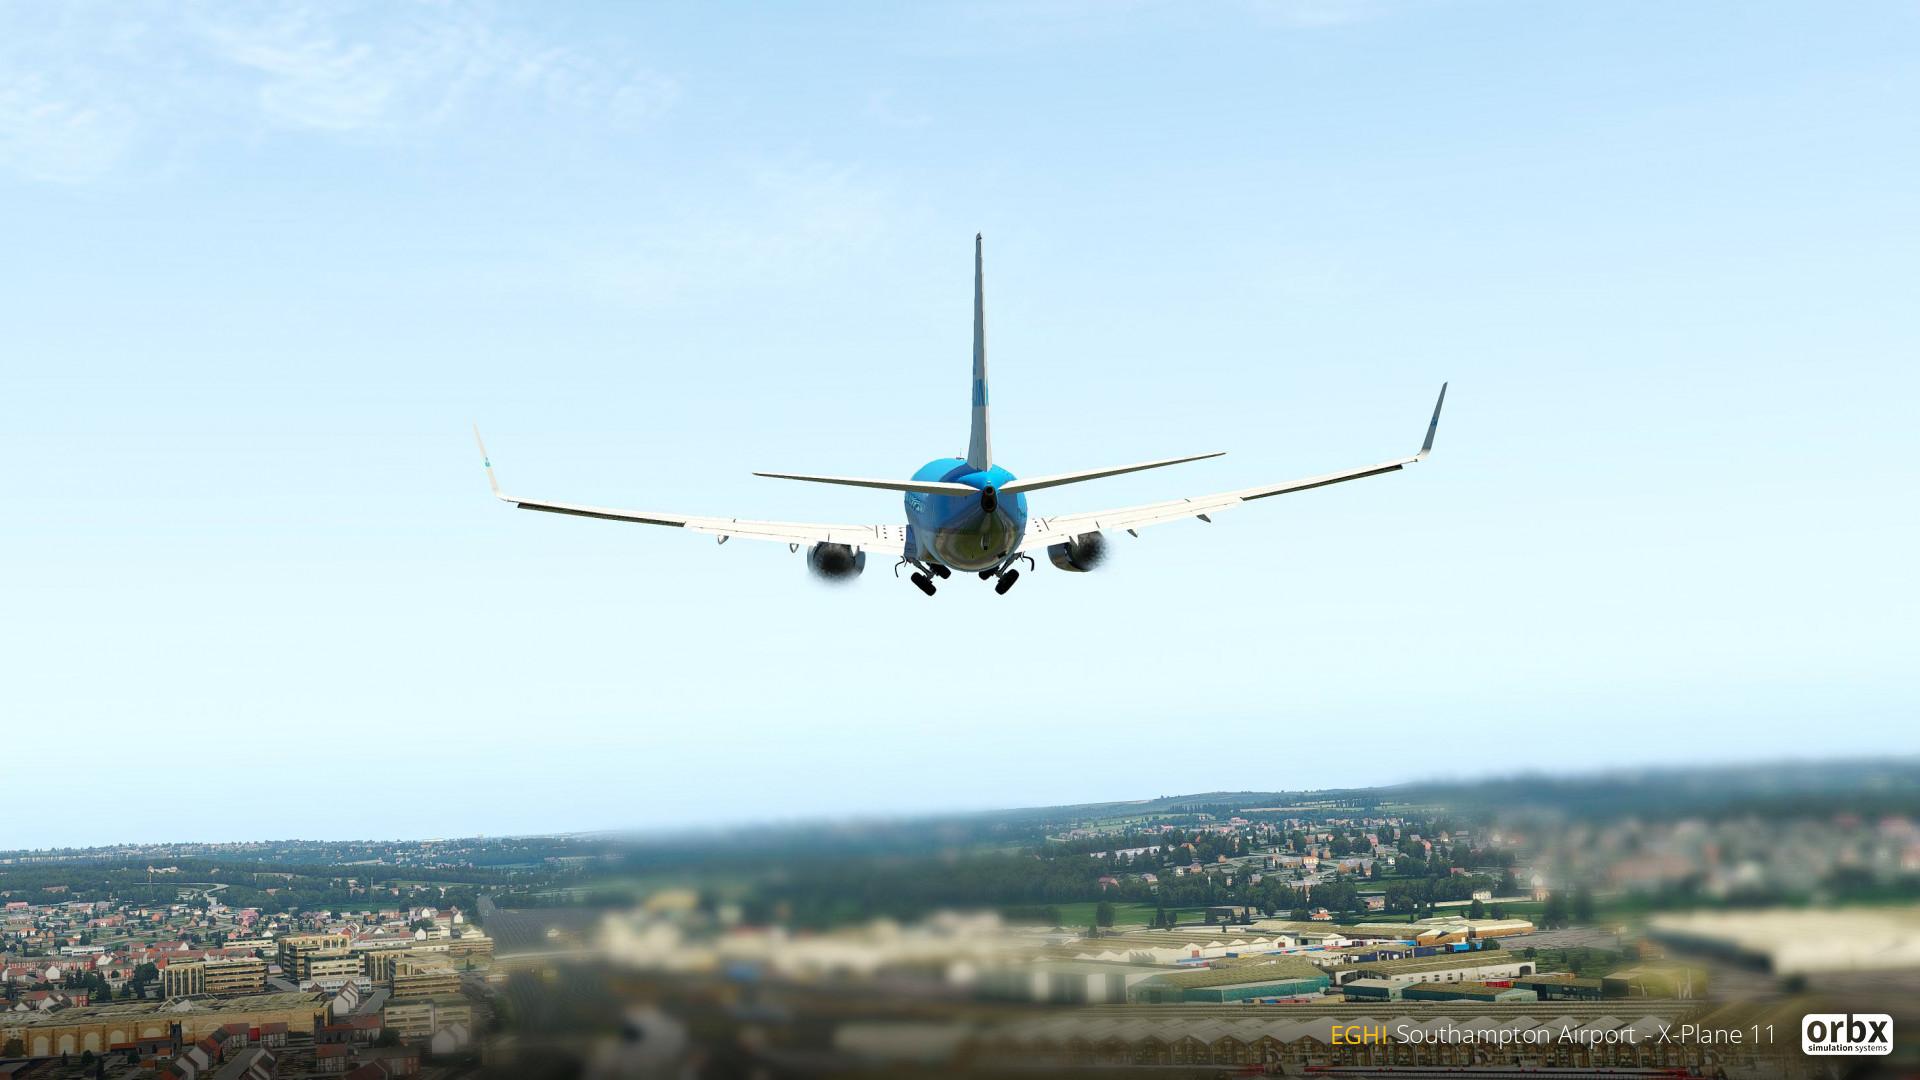 EGHI Southampton Airport - X-Plane 11